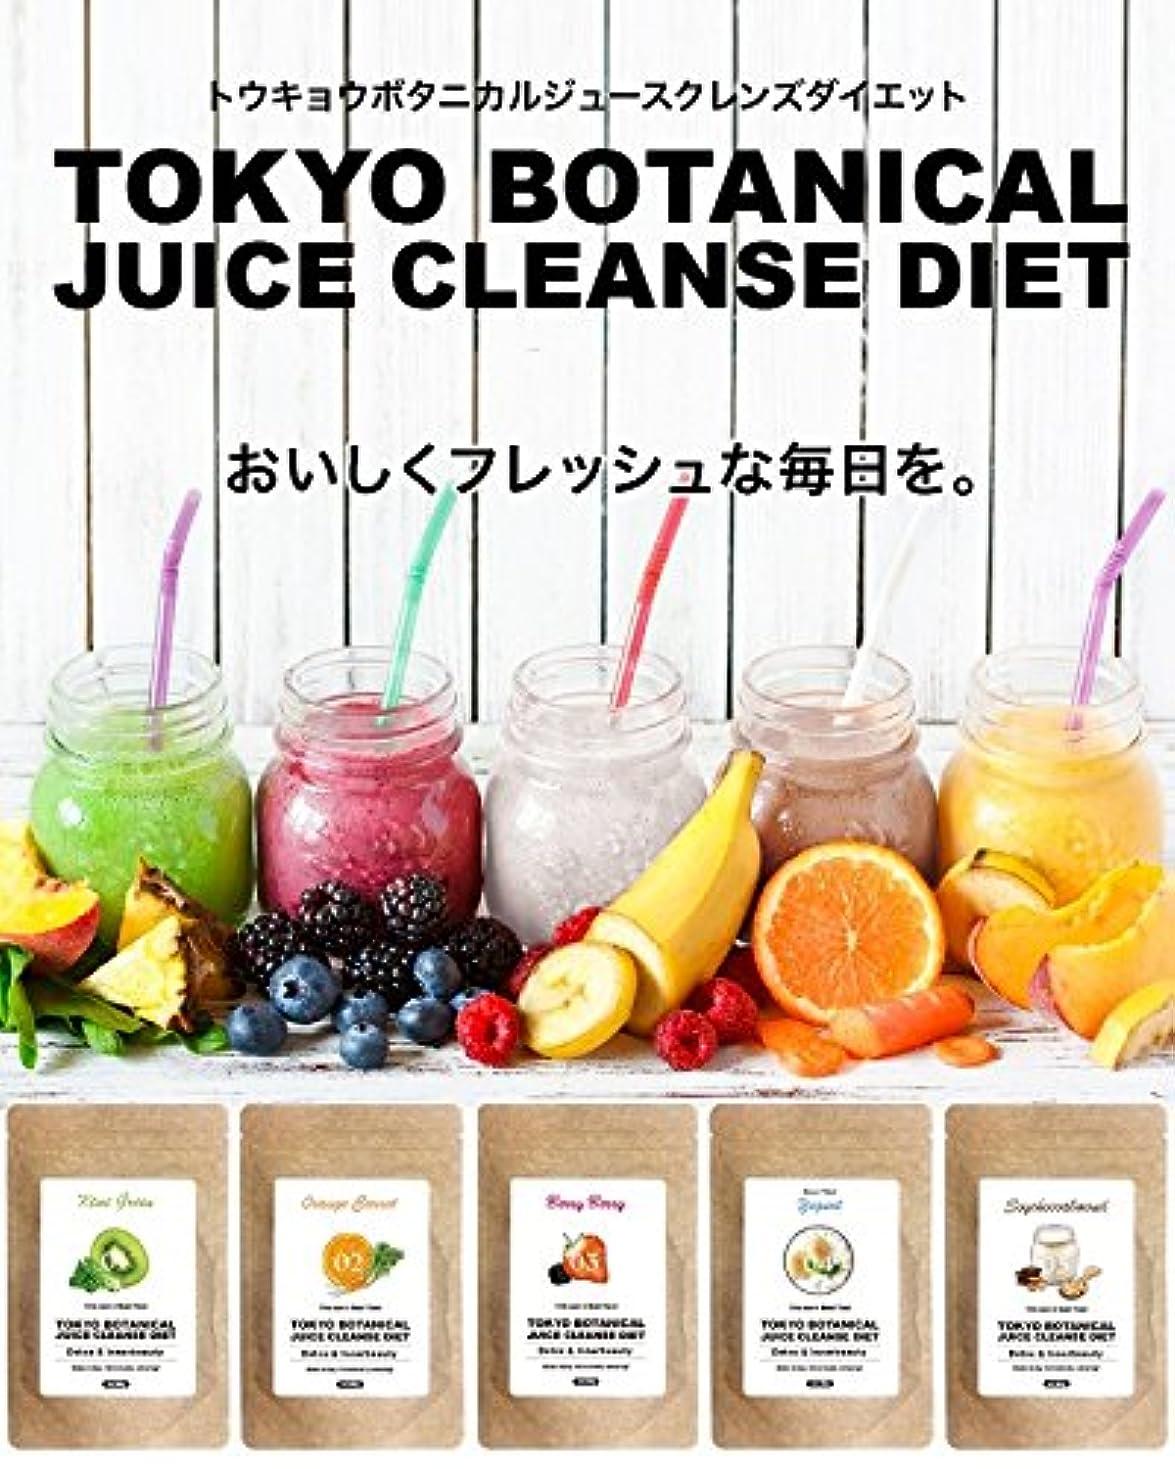 蒸留なぜ荒れ地ダイエット 東京ボタニカルジュースクレンズダイエット キイウィグリーン&ベリーベリーセット